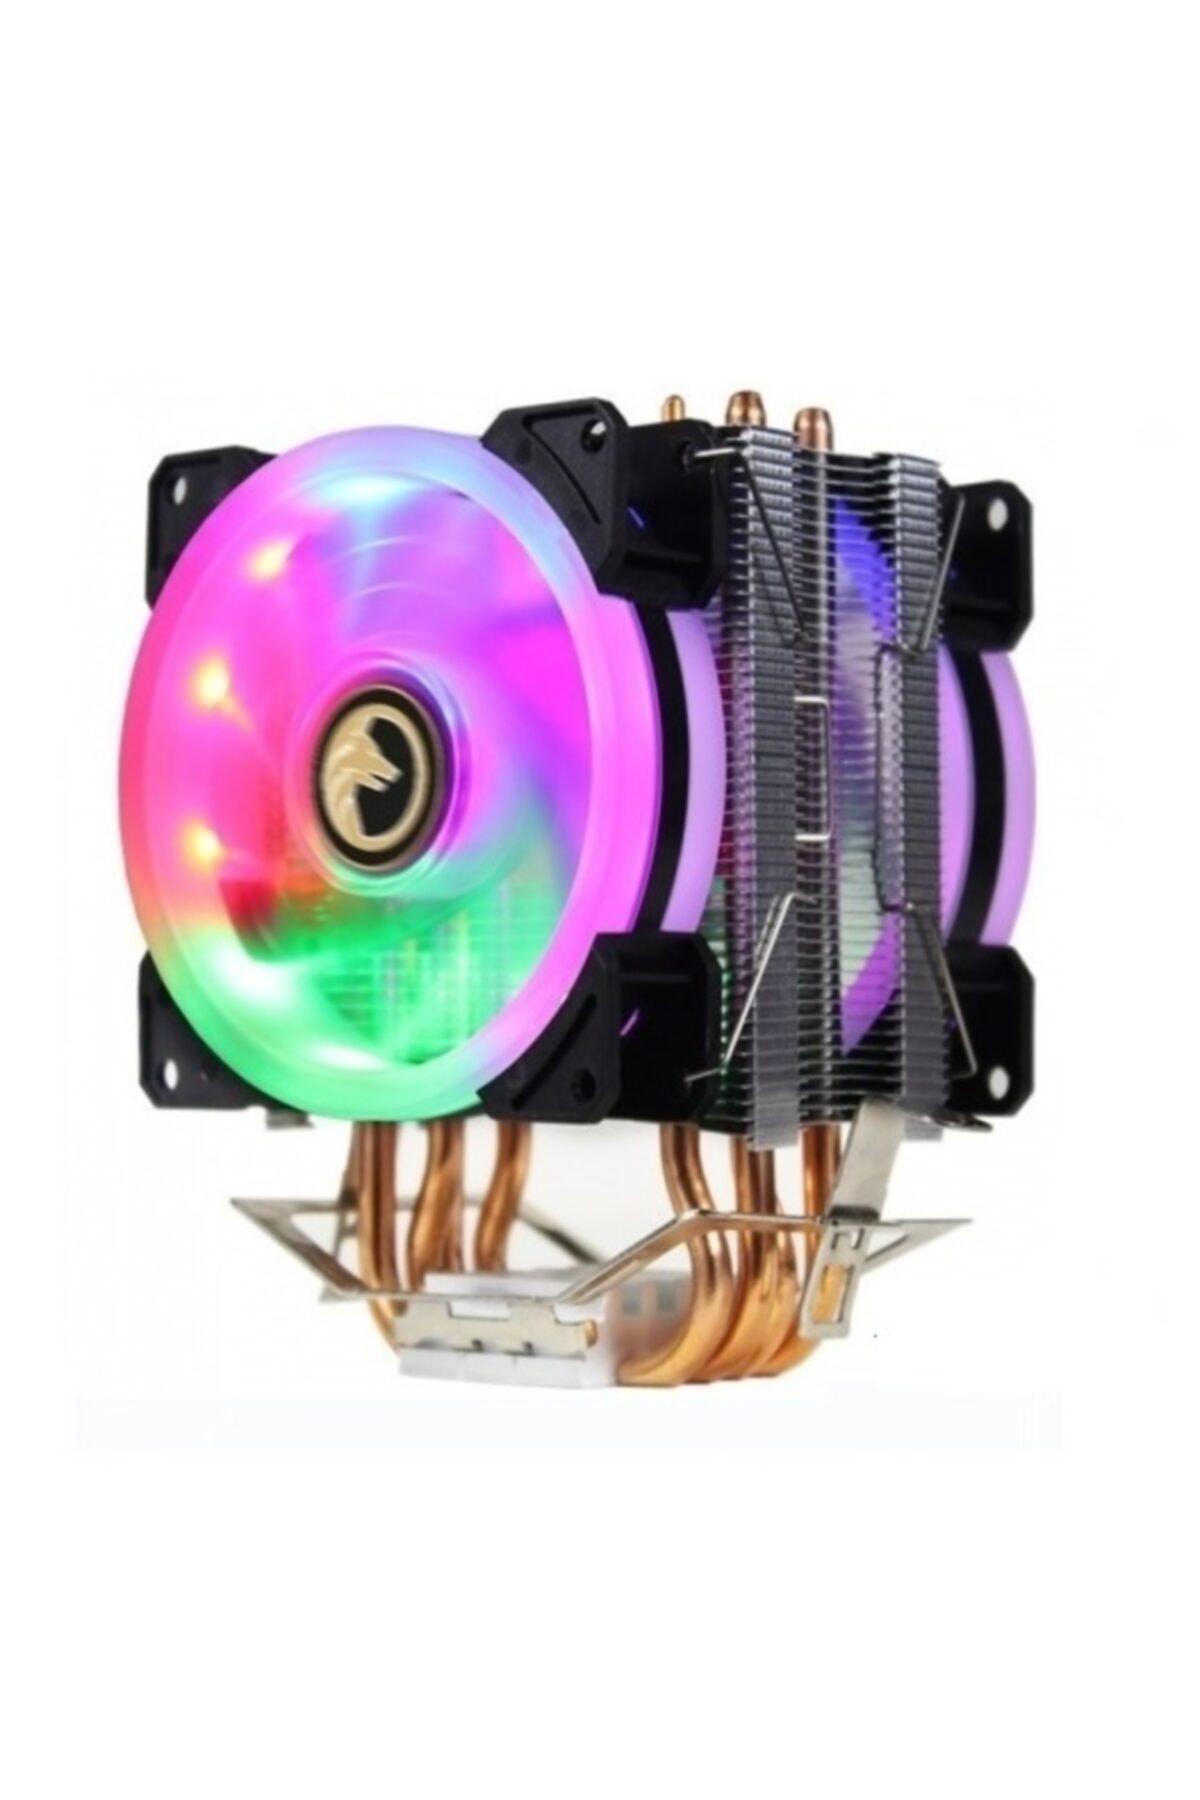 Freezer Hd 2.4 Çift Rainbow Fanlı 4x Bakır Borulu Performans Serisi Kule Tipi Işlemci Fanı